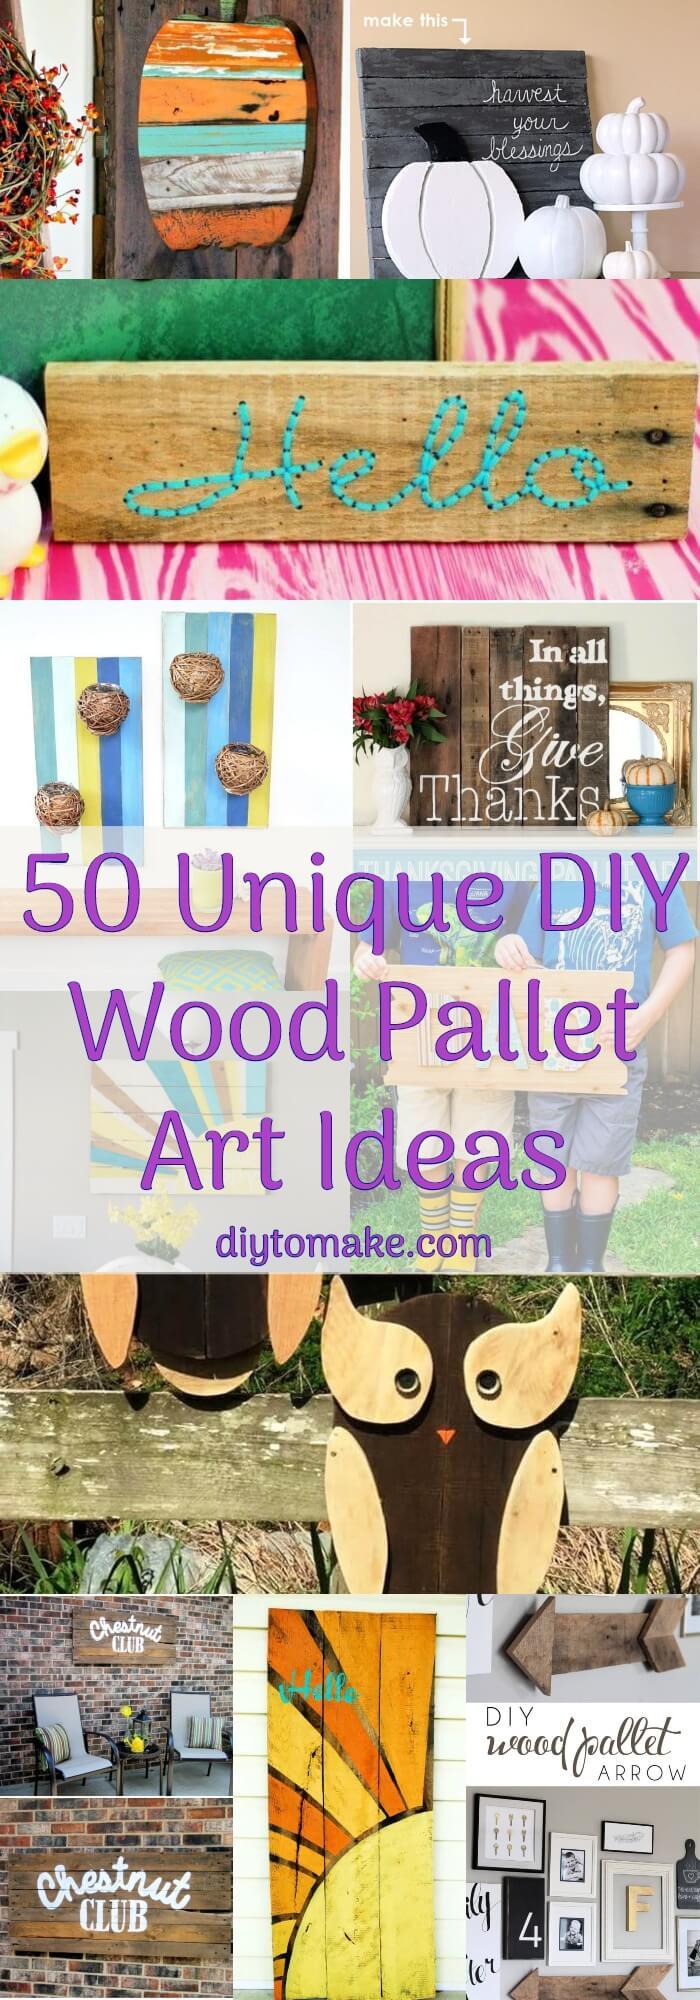 50 Unique DIY Wood Pallet Art Ideas